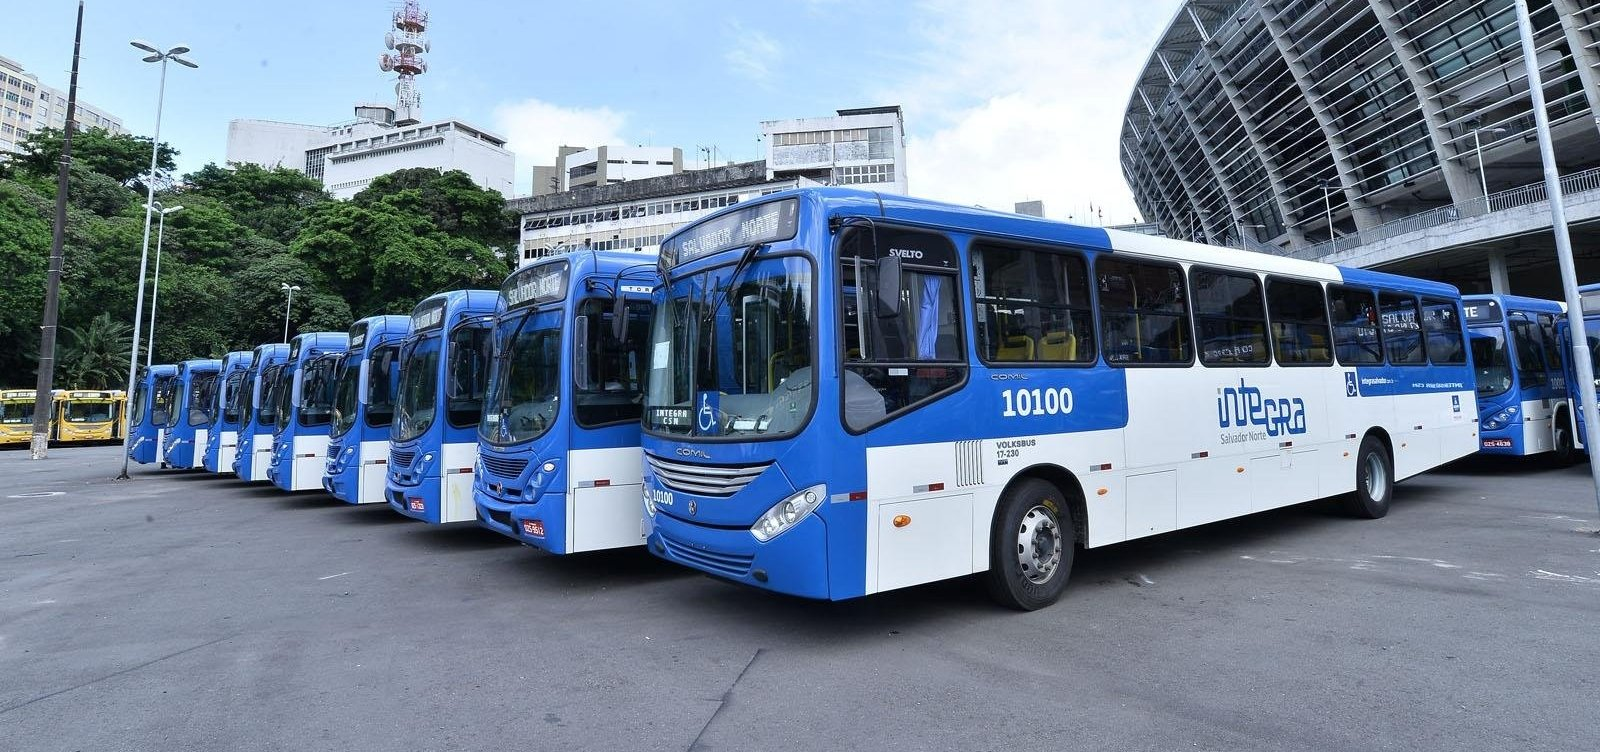 [Domingo de eleições tem esquema especial no transporte público]